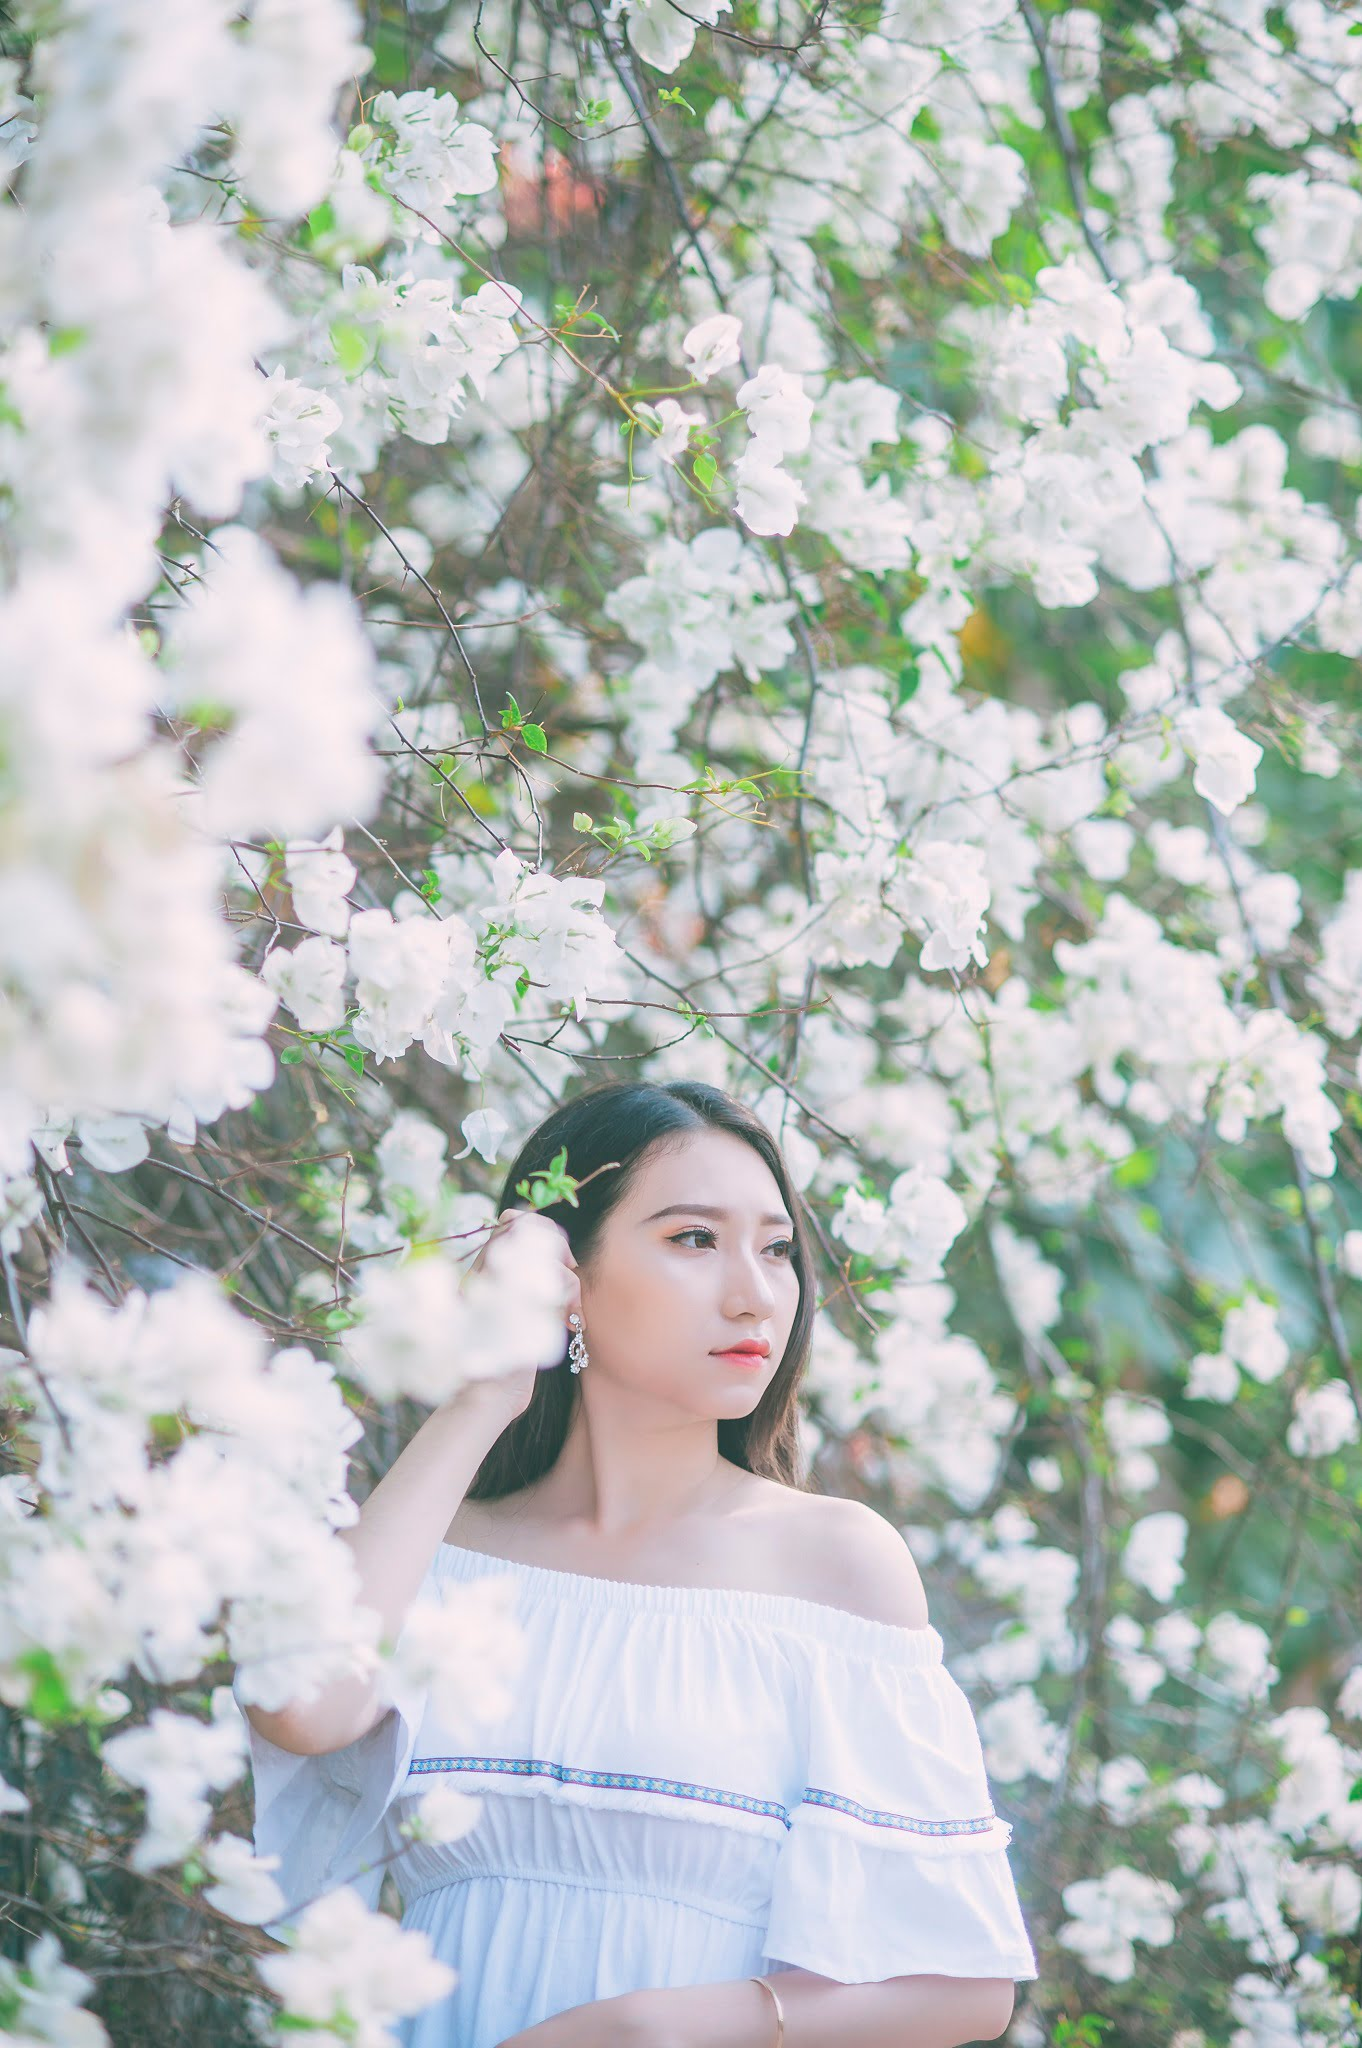 anh chup hoa giay 3 - Ảnh chụp với hoa giấy quận 2 - Huỳnh Như